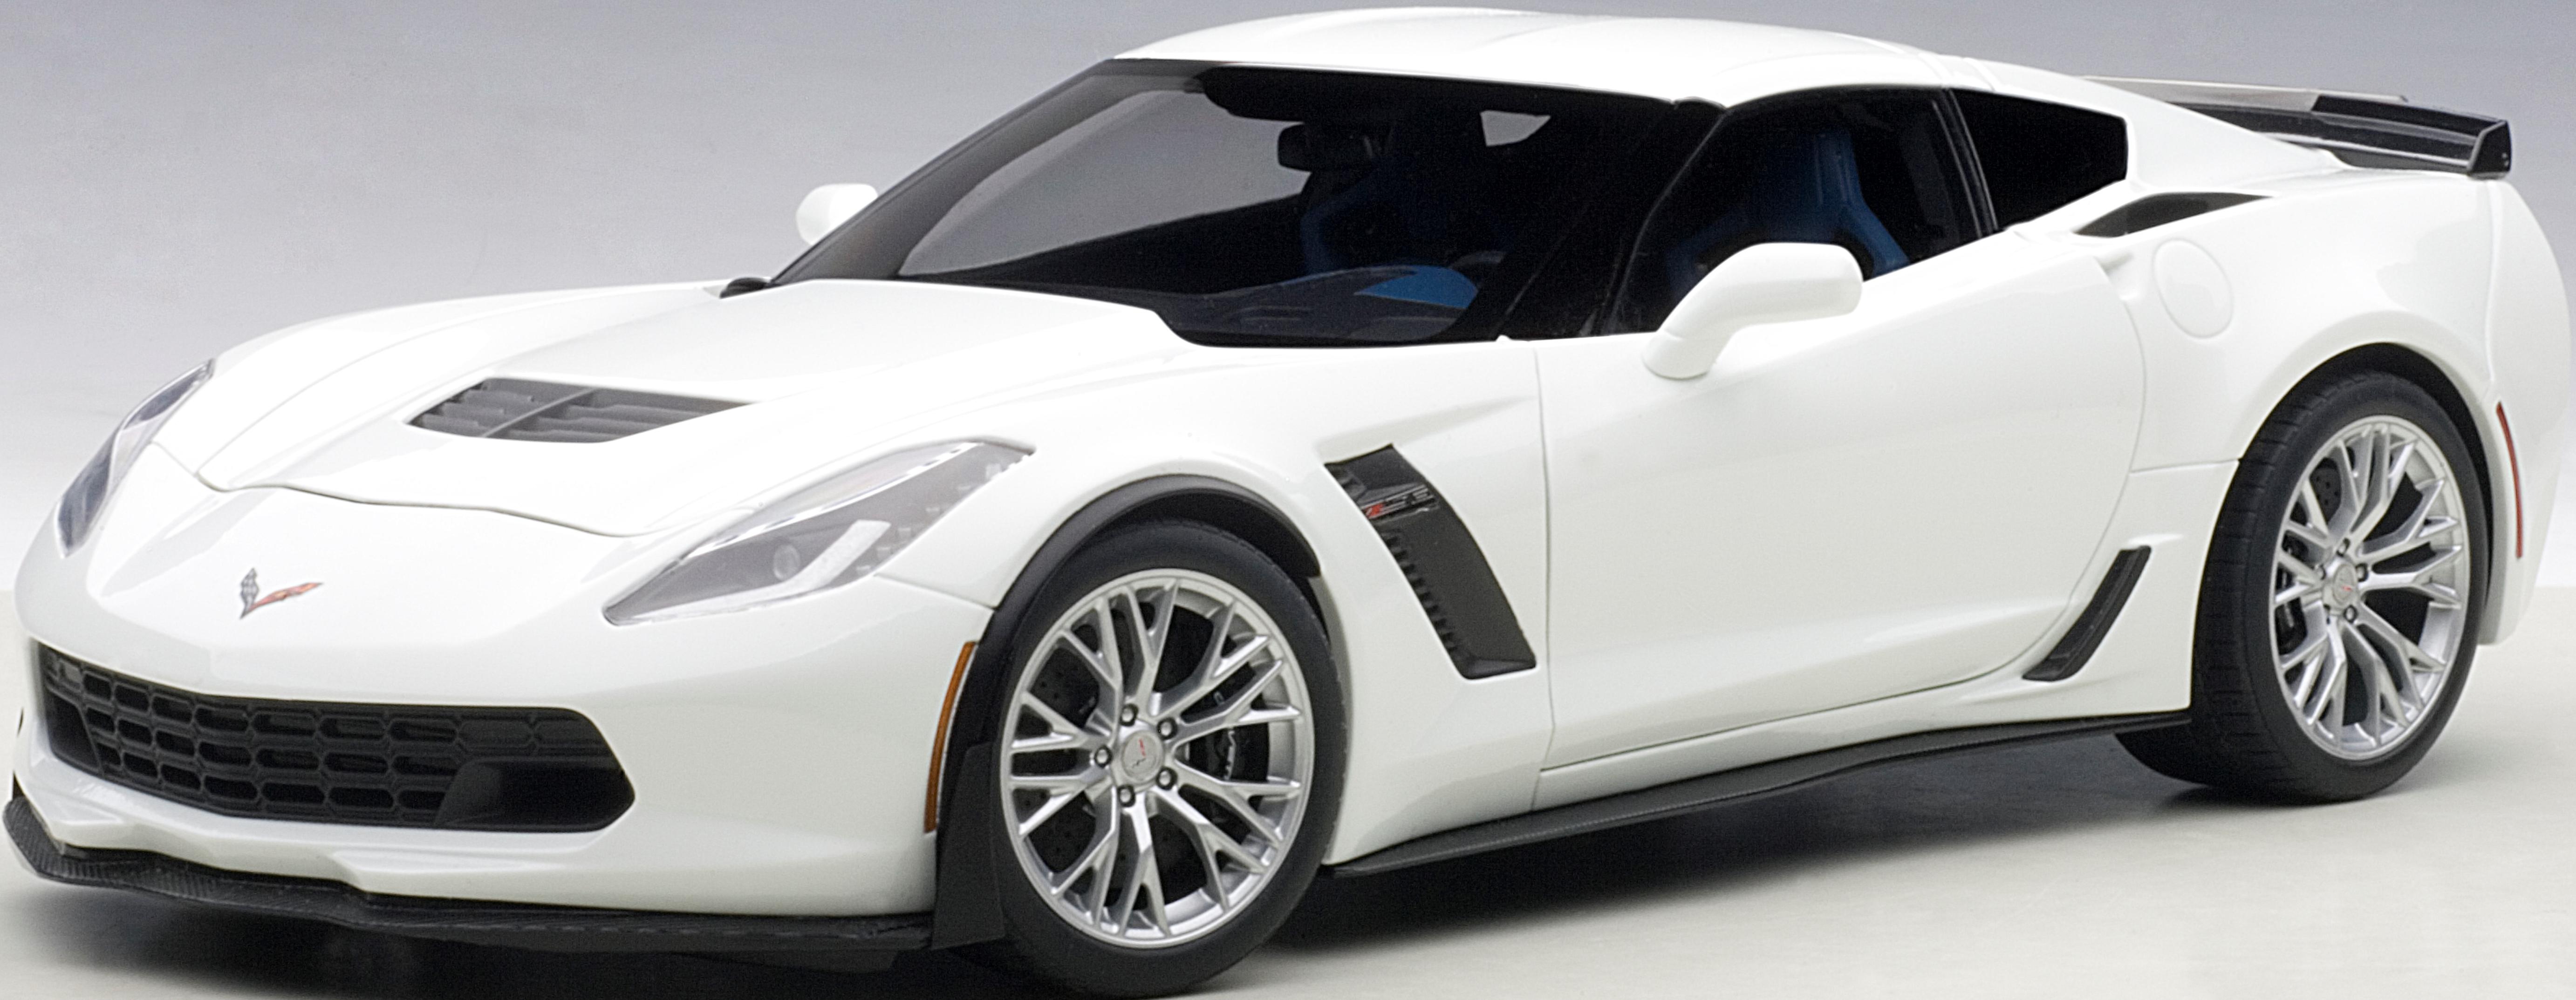 autoart 71261 chevrolet corvette c7 z06 wei menzels. Black Bedroom Furniture Sets. Home Design Ideas